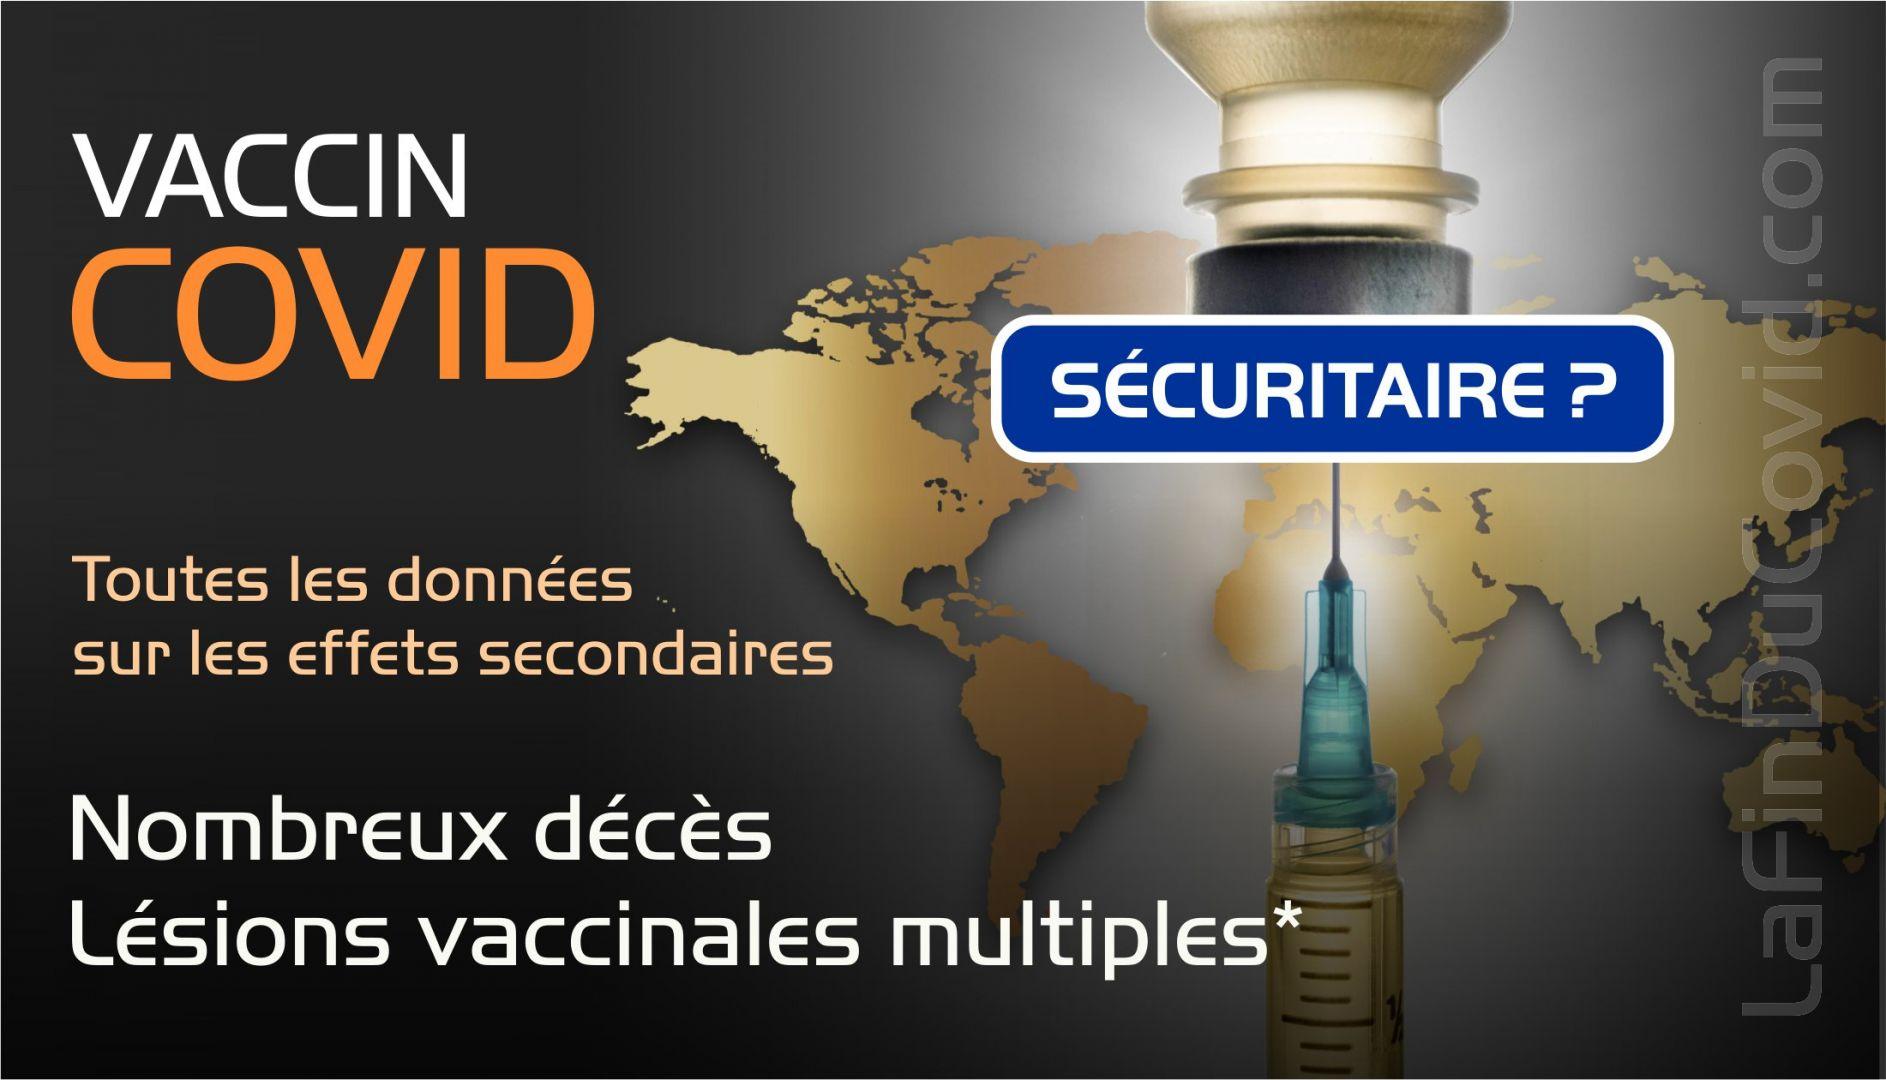 Le vaccin covid et ses effets secondaires (statistiques décès, lésions, etc)